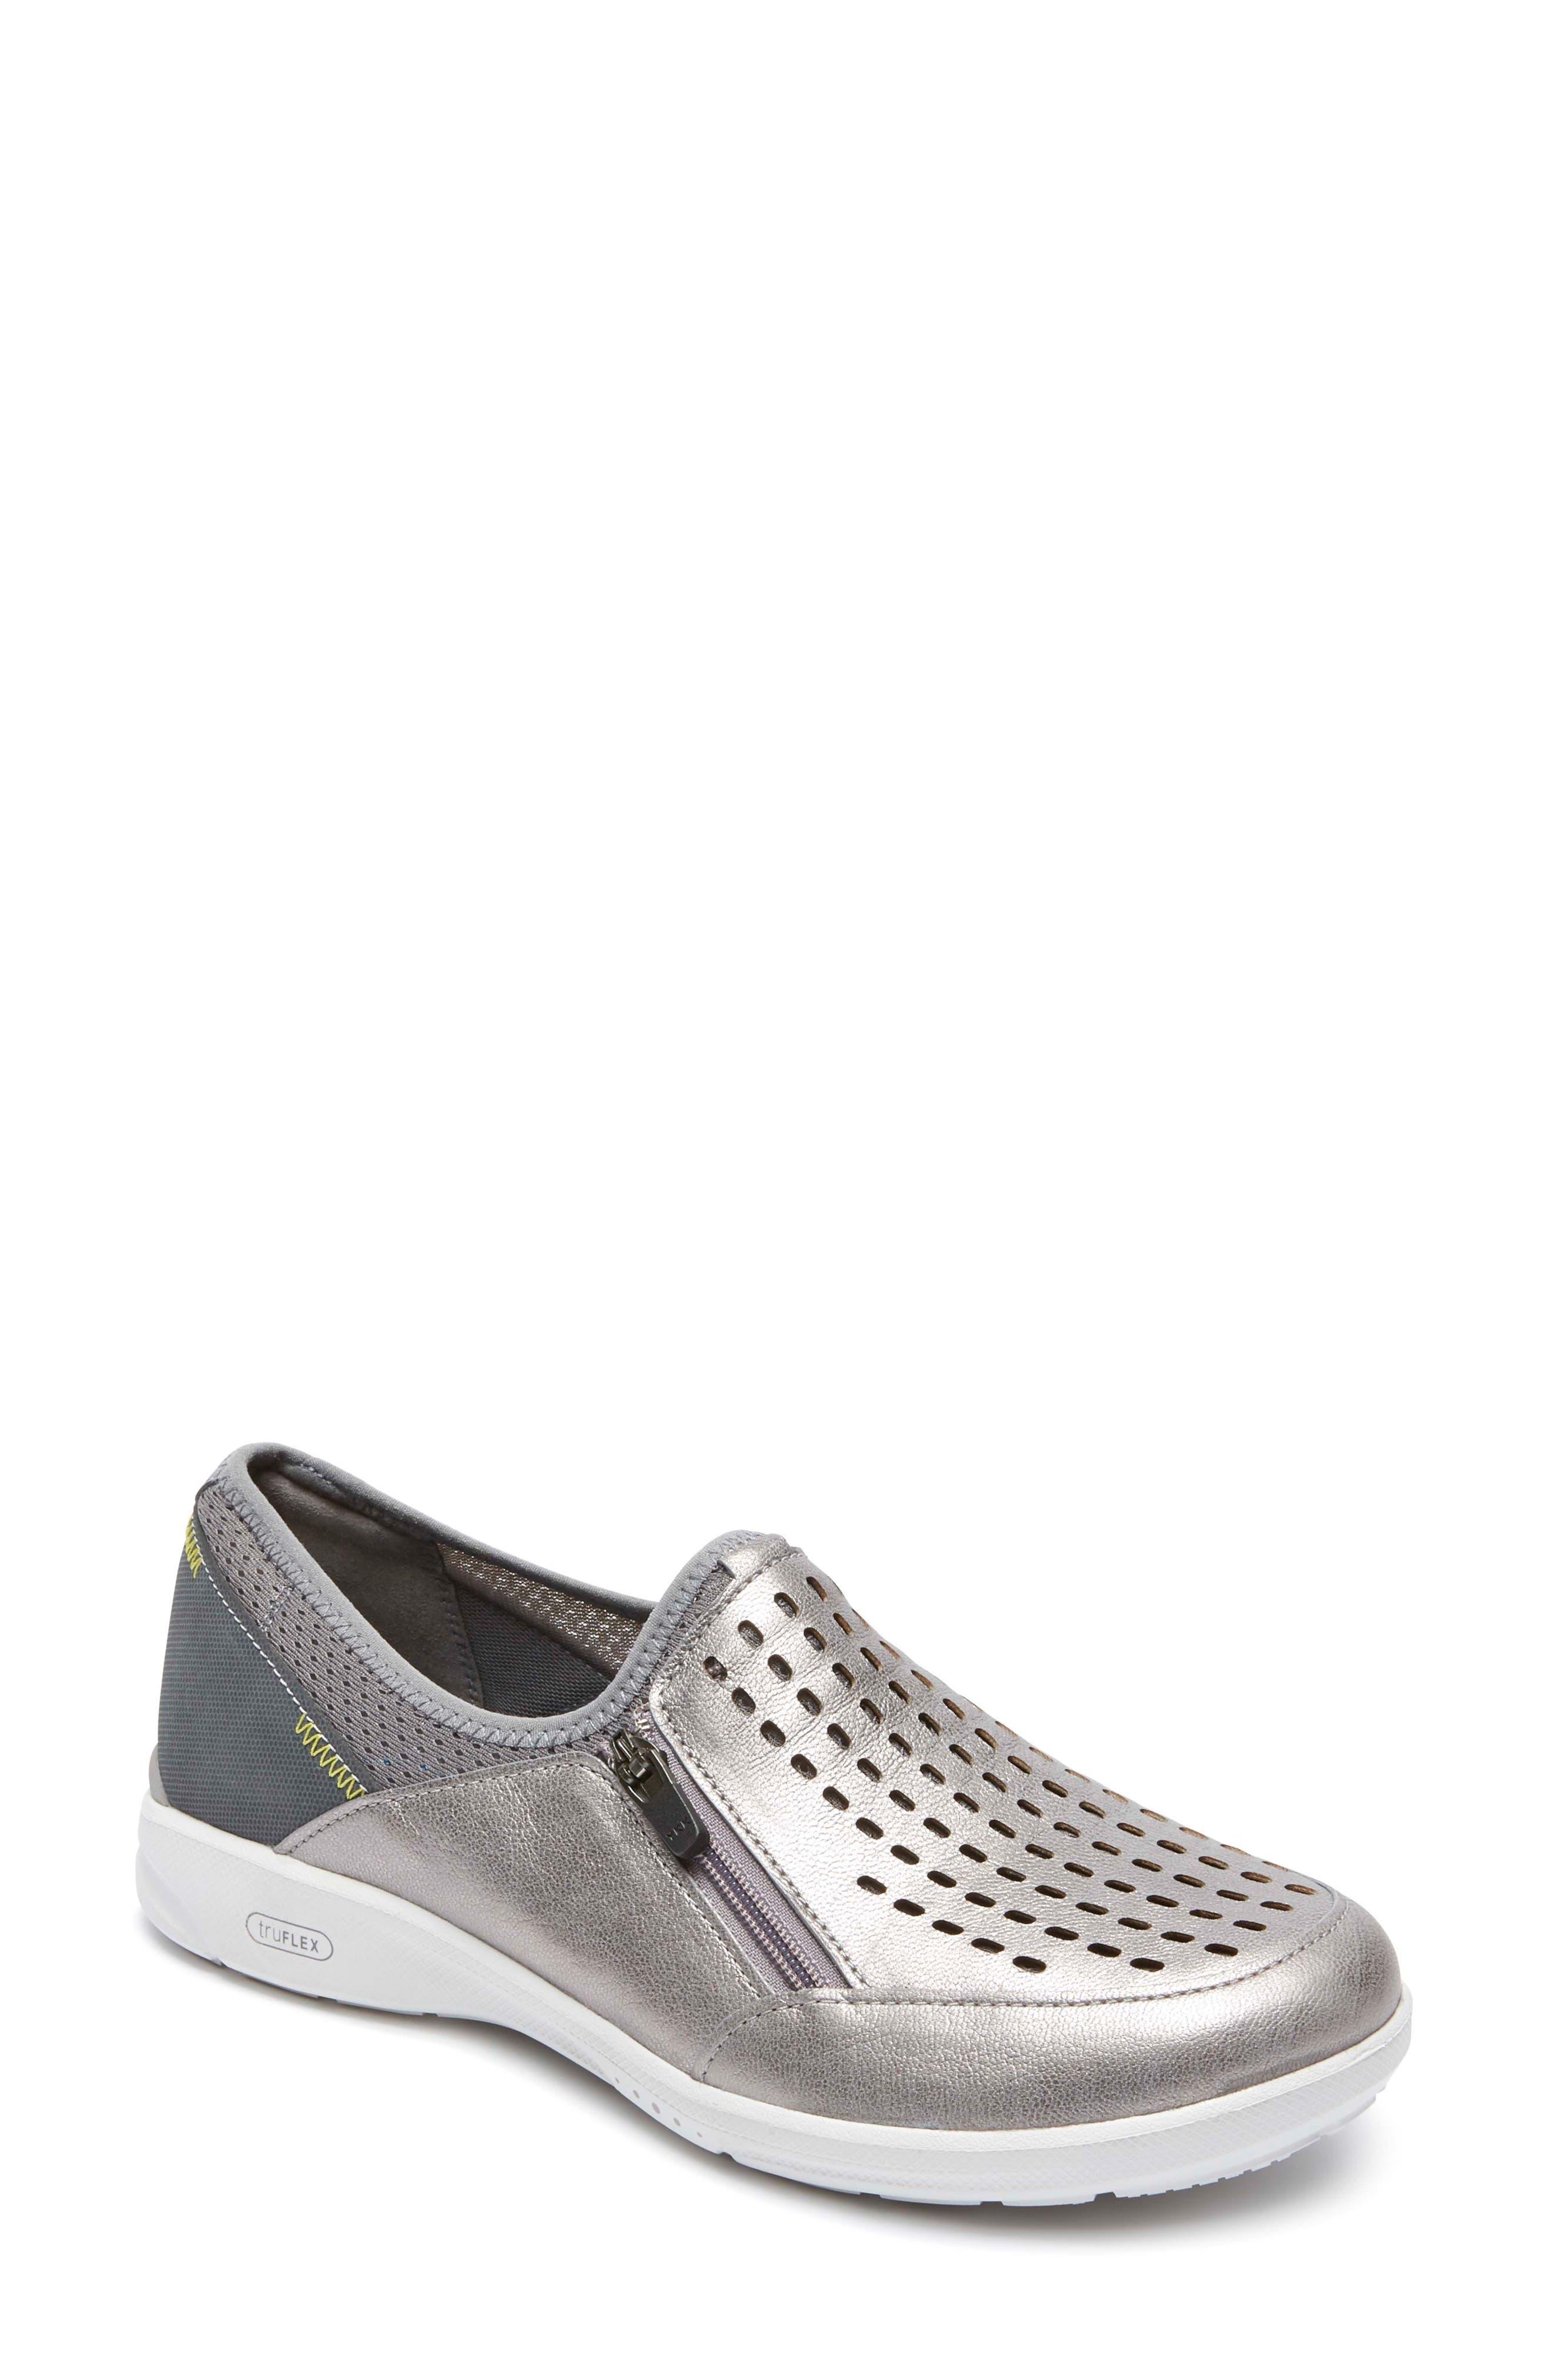 Rockport truFLEX Slip-On Sneaker (Women)